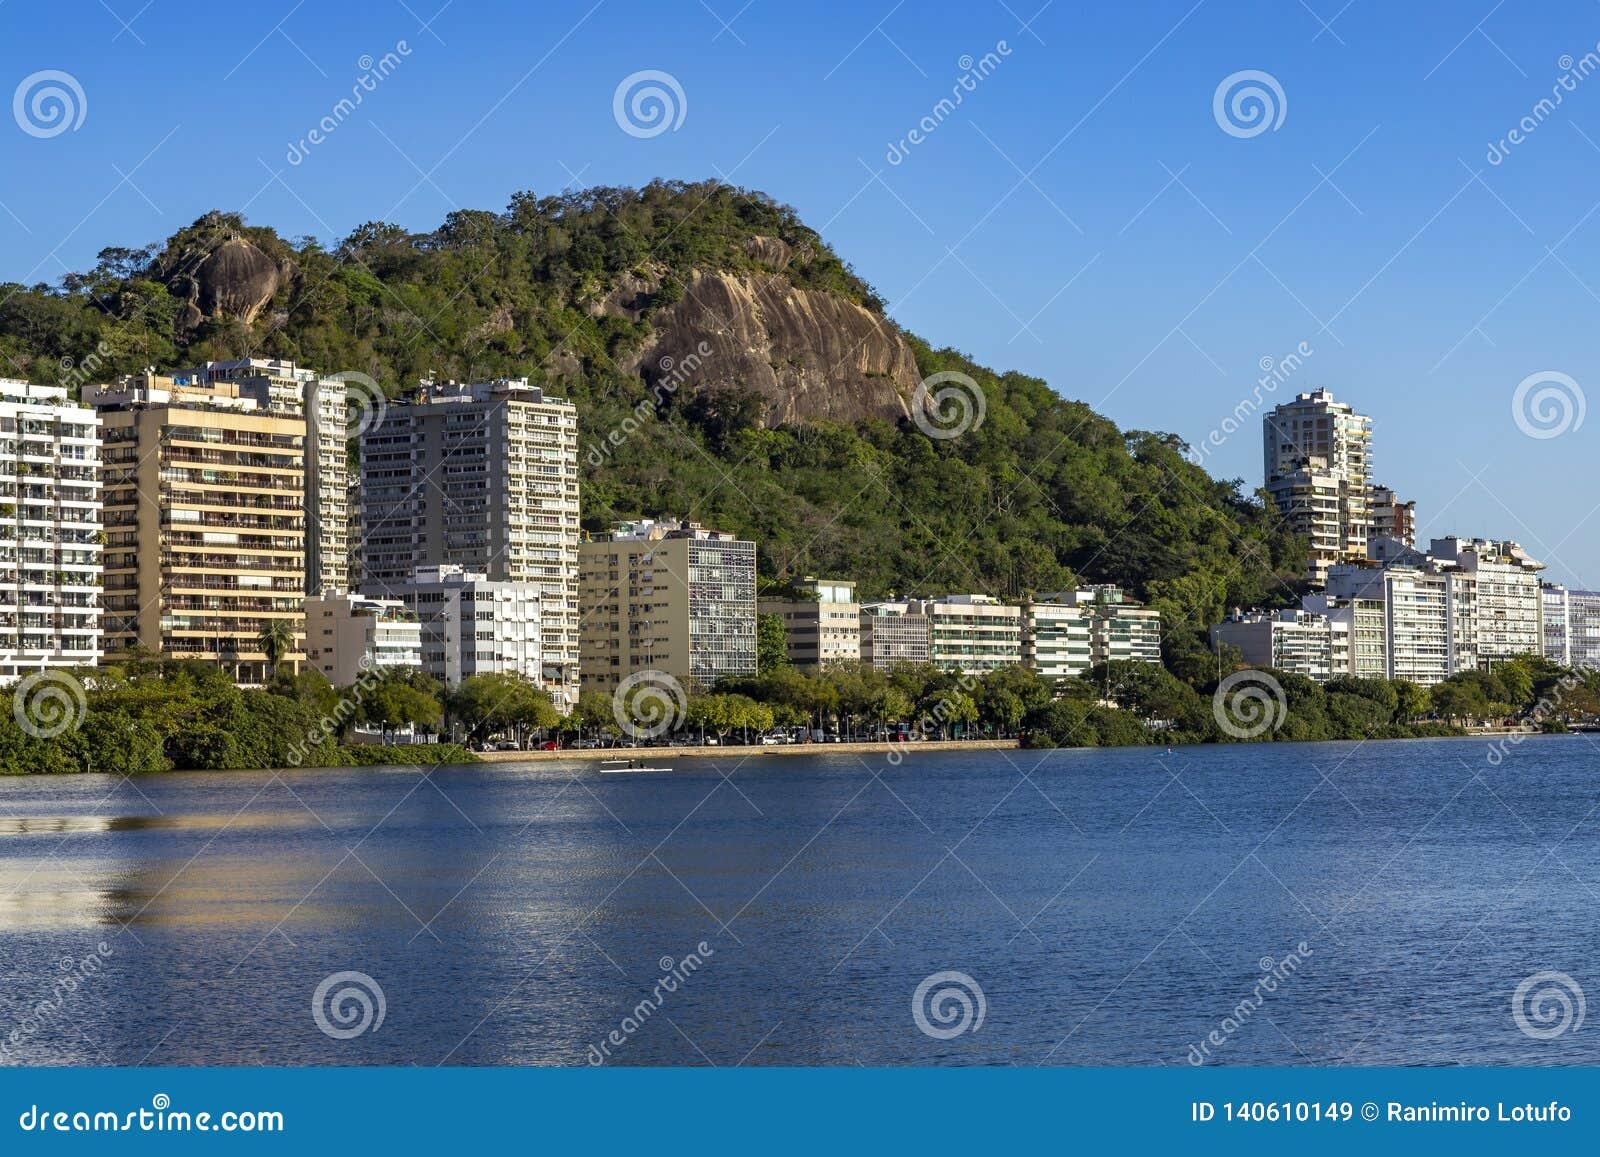 Prachtige stad Prachtige plaatsen in de wereld Lagune en buurt van Ipanema in Rio de Janeiro, Brazilië